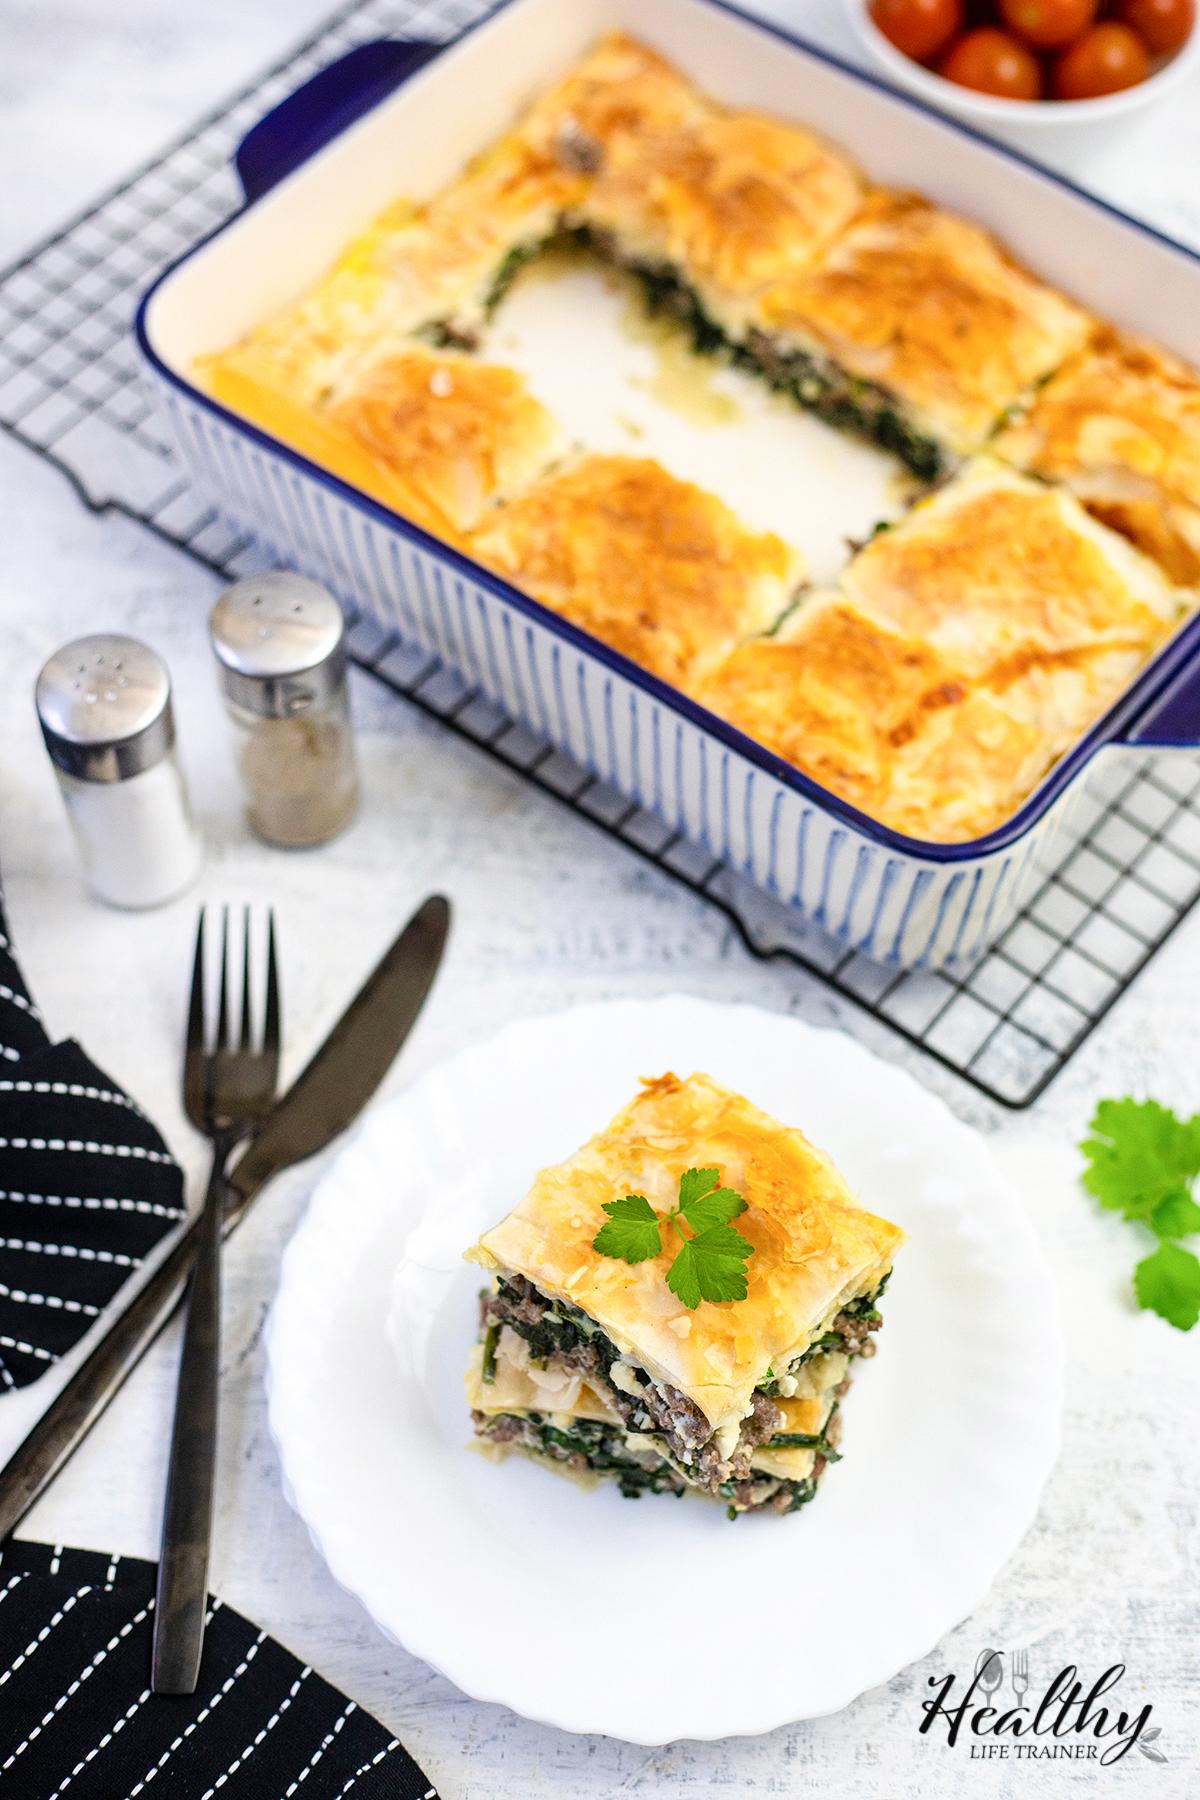 Spanakopita in a baking dish #spanakopitarecipe #spanakopitapie #spinachpie #dinnerpie #mediterraneanrecipe